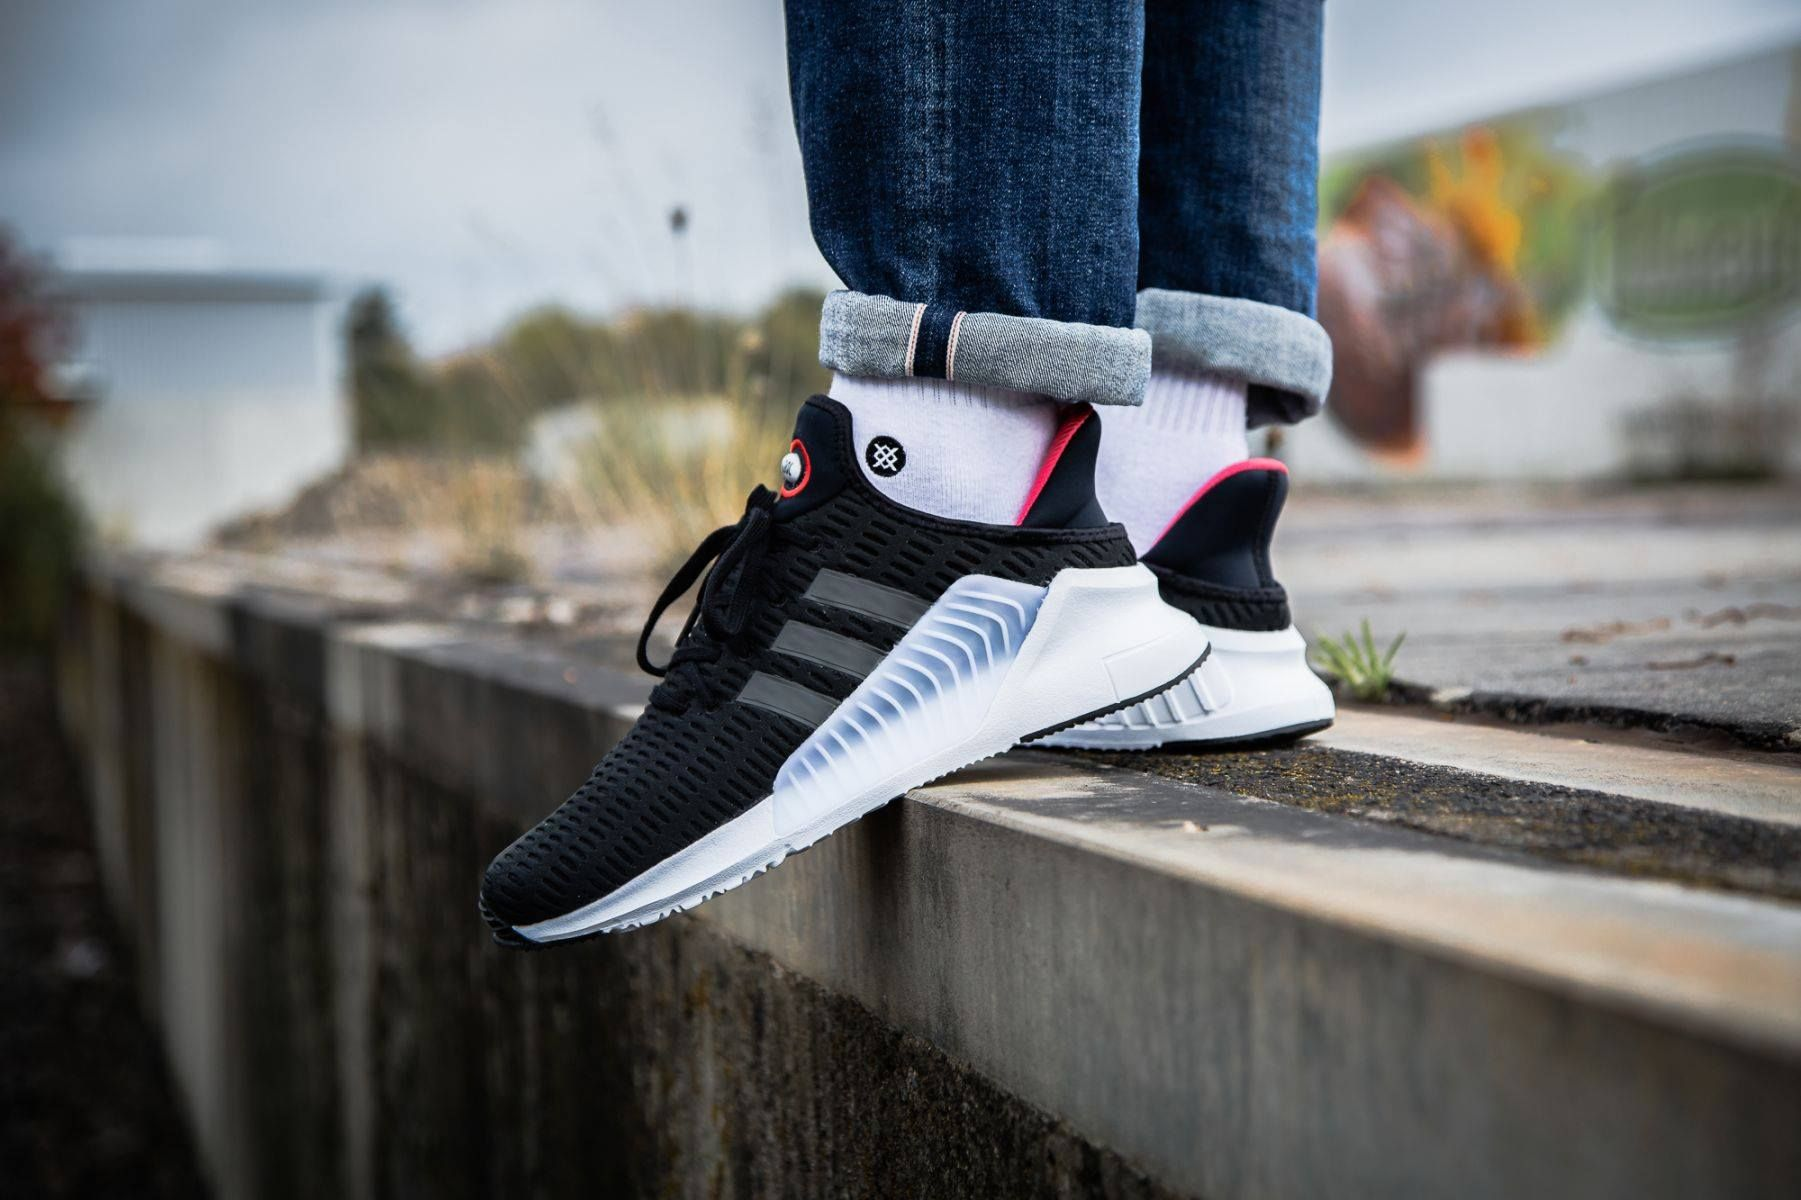 Adidas Climacool 02.17 Shoes at £55.96 älskar varumärkena    ADIDAS CLIMACOOL 02.17 SKOR   title=         ADIDAS   Adidas, Adidas